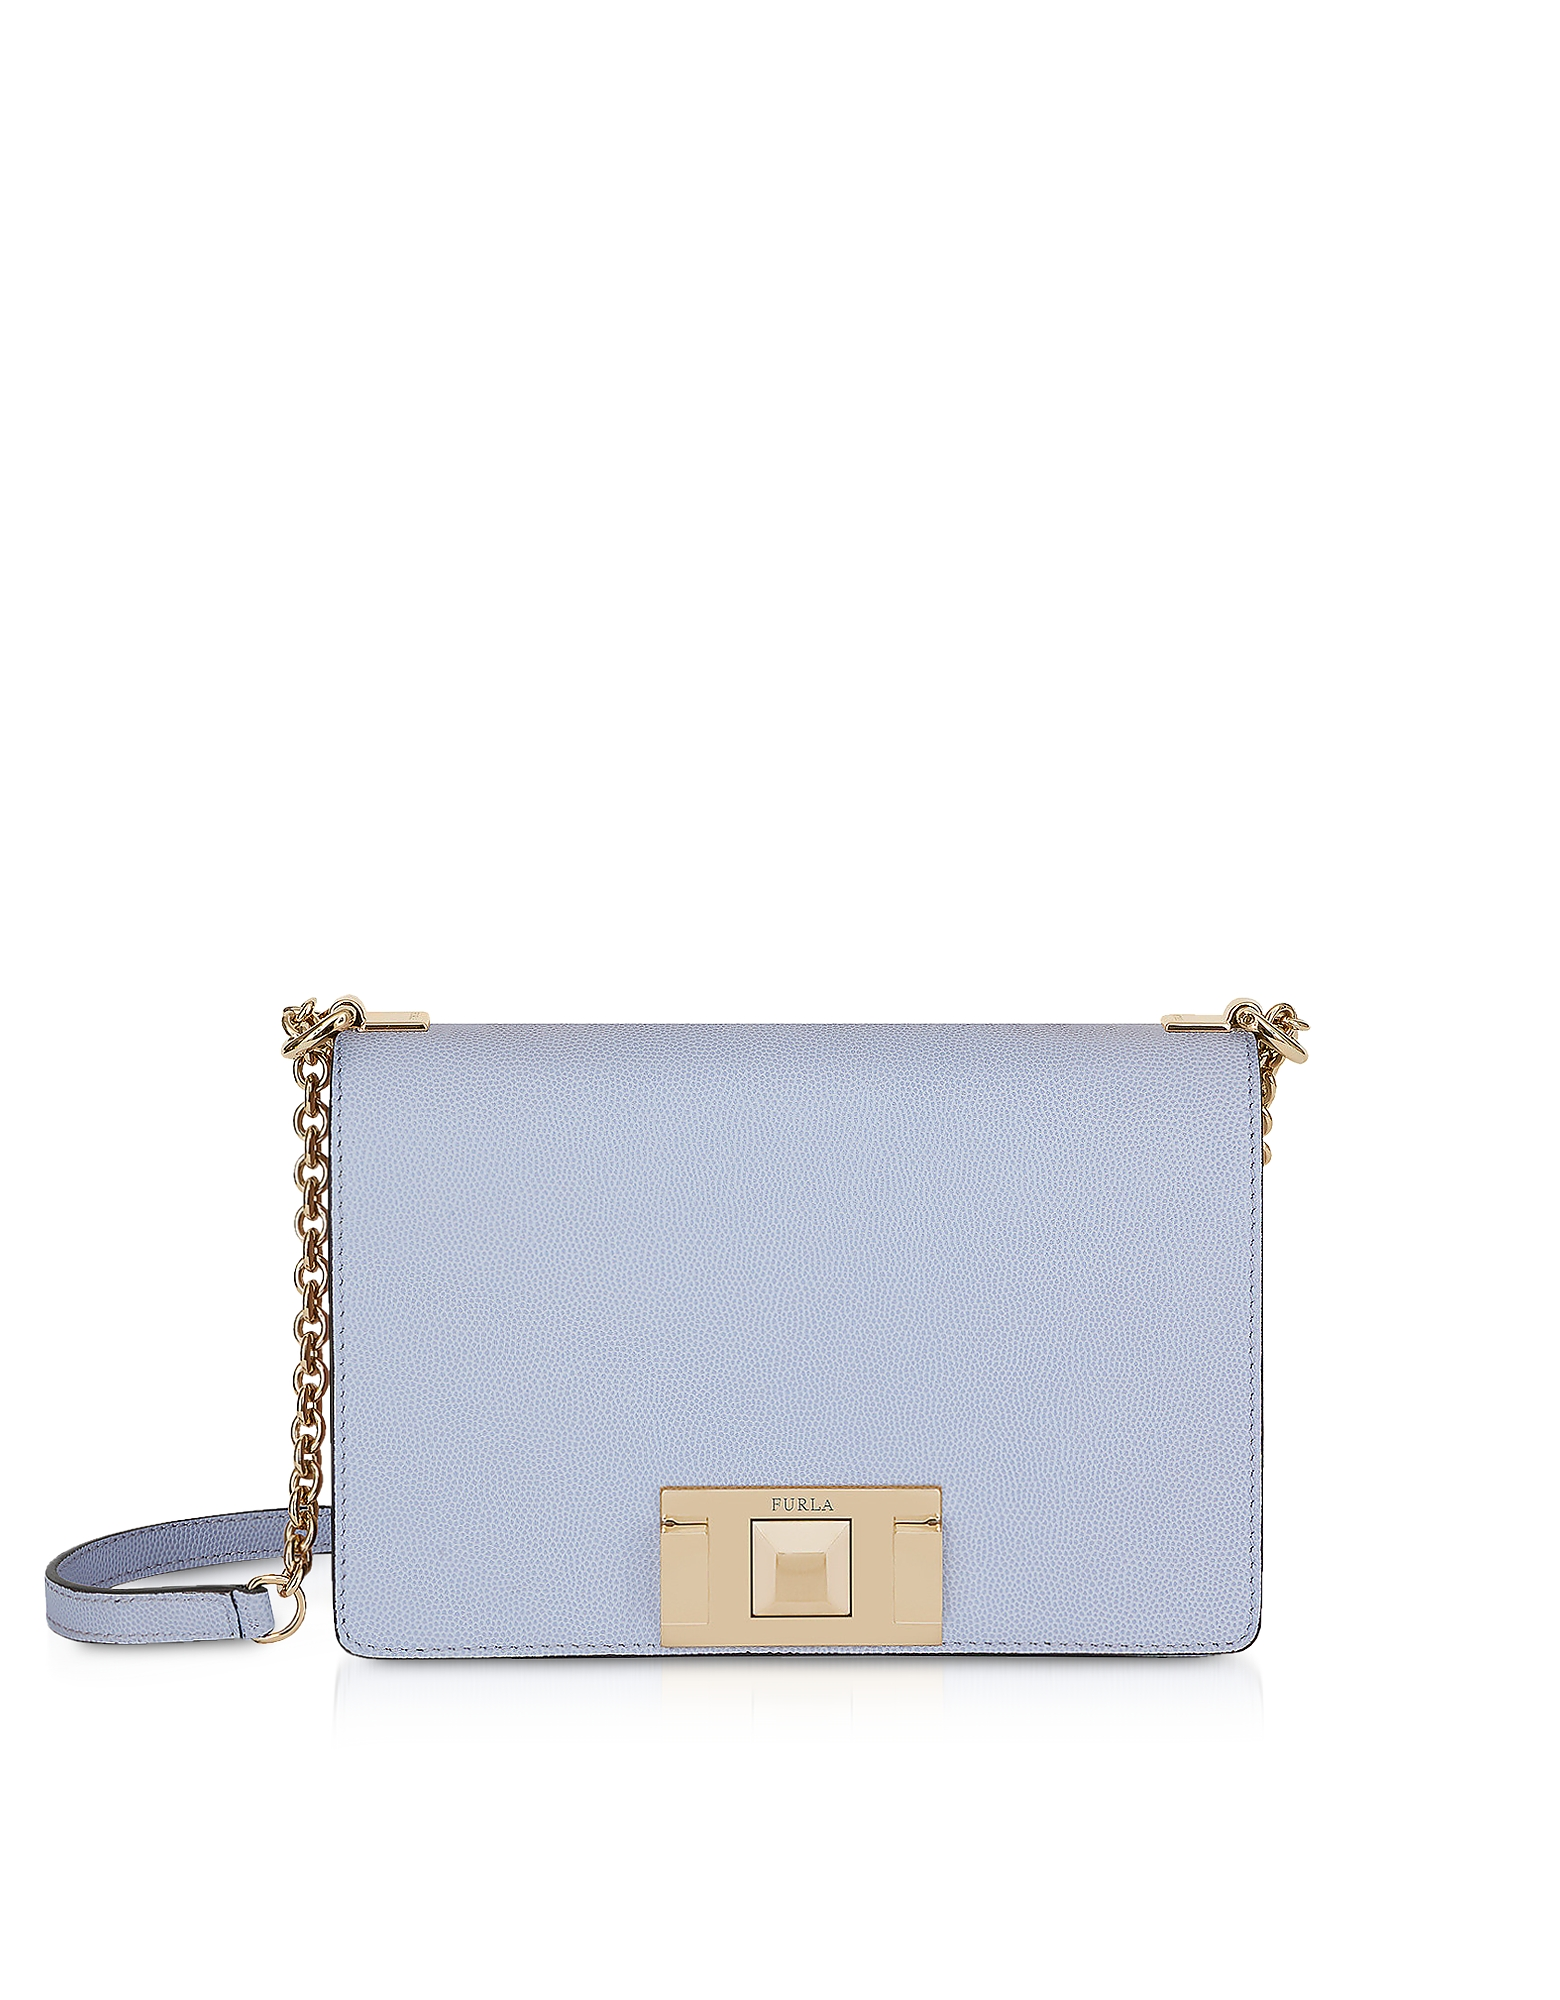 Furla Handbags, Mimì Mini Crossbody Bag